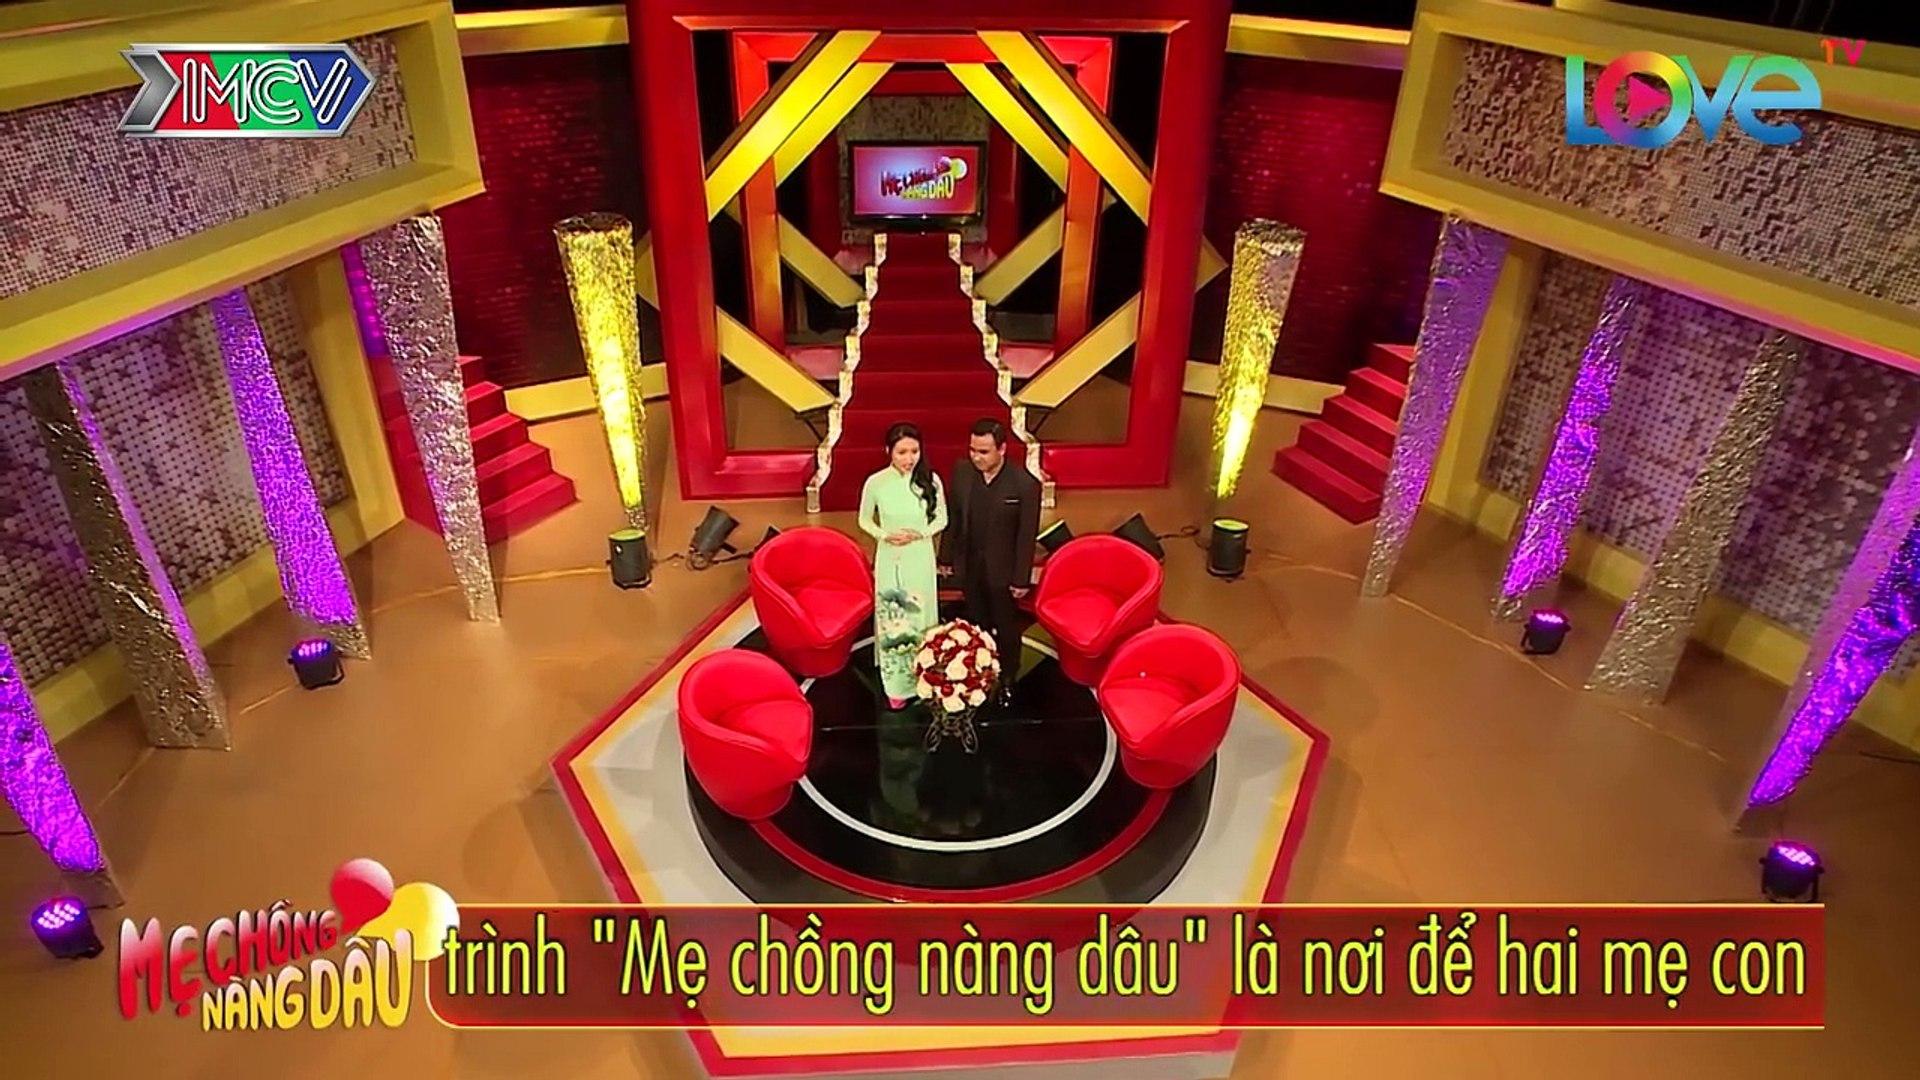 MẸ CHỒNG - NÀNG DÂU - Tập 4 FULL - Thị Hạnh - Hoàng Yến - Thanh Hà - Phương Thảo